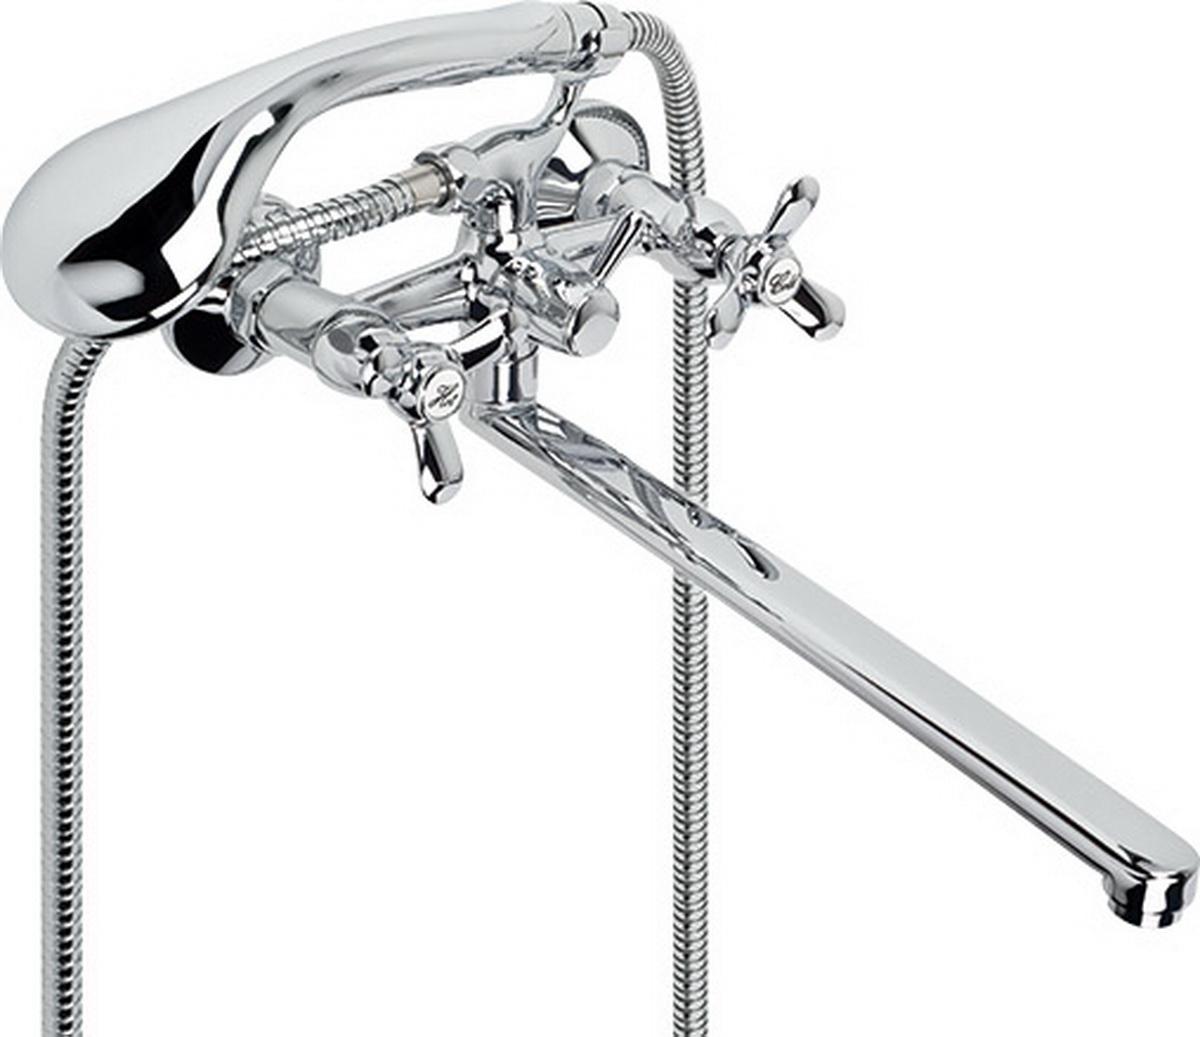 Смеситель для ванны и умывальника Argo Omega, керамический, длина 32,5 см68/5/1Смеситель для ванны и умывальника Argo Omega предназначен для смешивания холодной и горячей воды, устанавливается на стену. Выполнен из высококачественного металла с покрытием из никеля и хрома.Запорный механизм: кран букса 1/2 90° Керамика 7,7х20 Тип дайвотера: клапанныйАэратор: ячейковый М24х1 Only-Plast, 10-13 л/мин при 0,3 МПаКрепеж: эксцентрик 3/4х1/2, прокладка-фильтр Комплектация:Душевой шланг 150 см, хромированная нержавеющая сталь, двойной замок, 1/2 Душевая лейка Duo